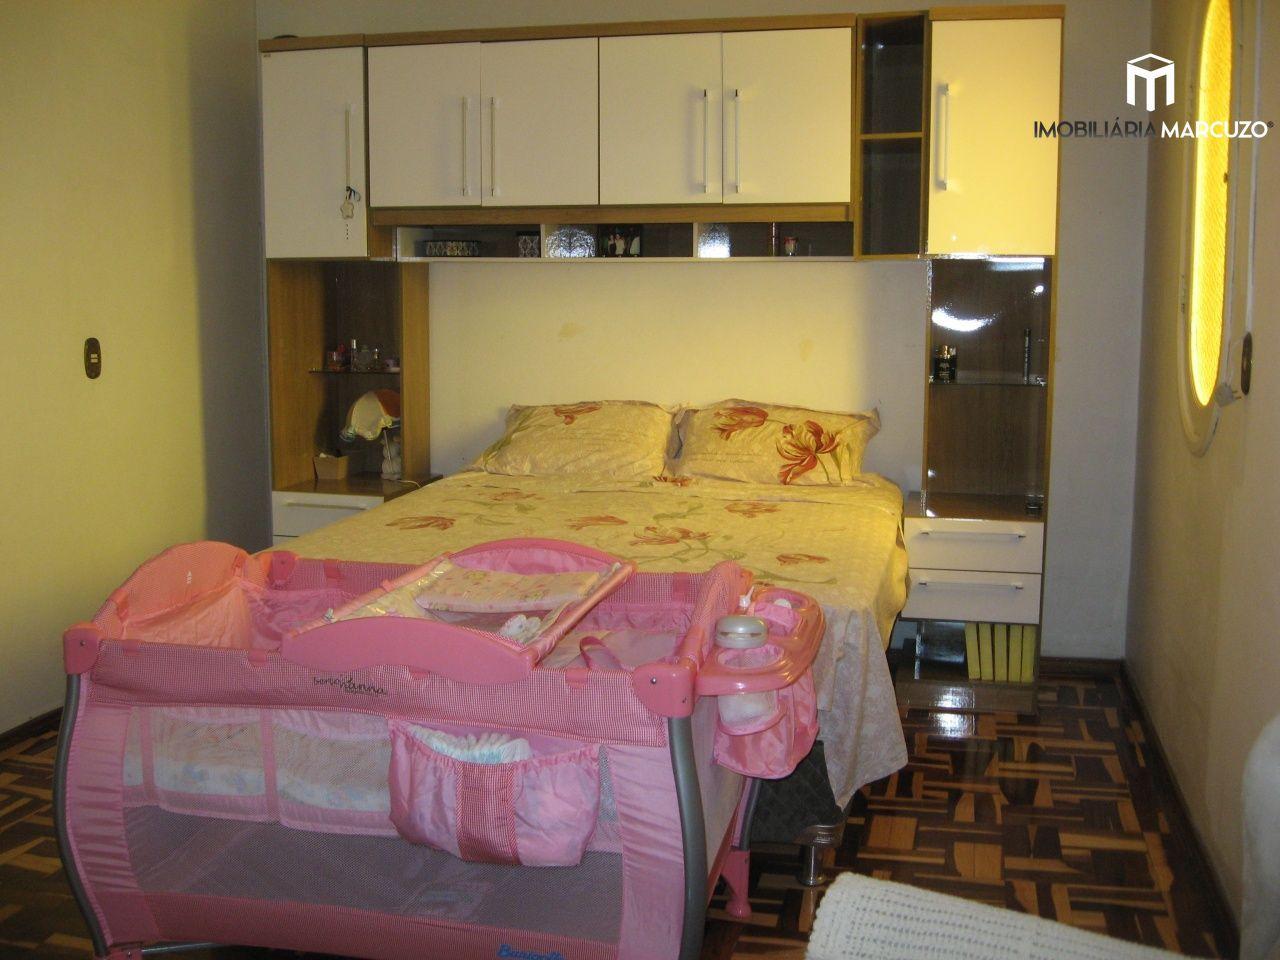 Apartamento com 3 Dormitórios à venda, 116 m² por R$ 255.000,00